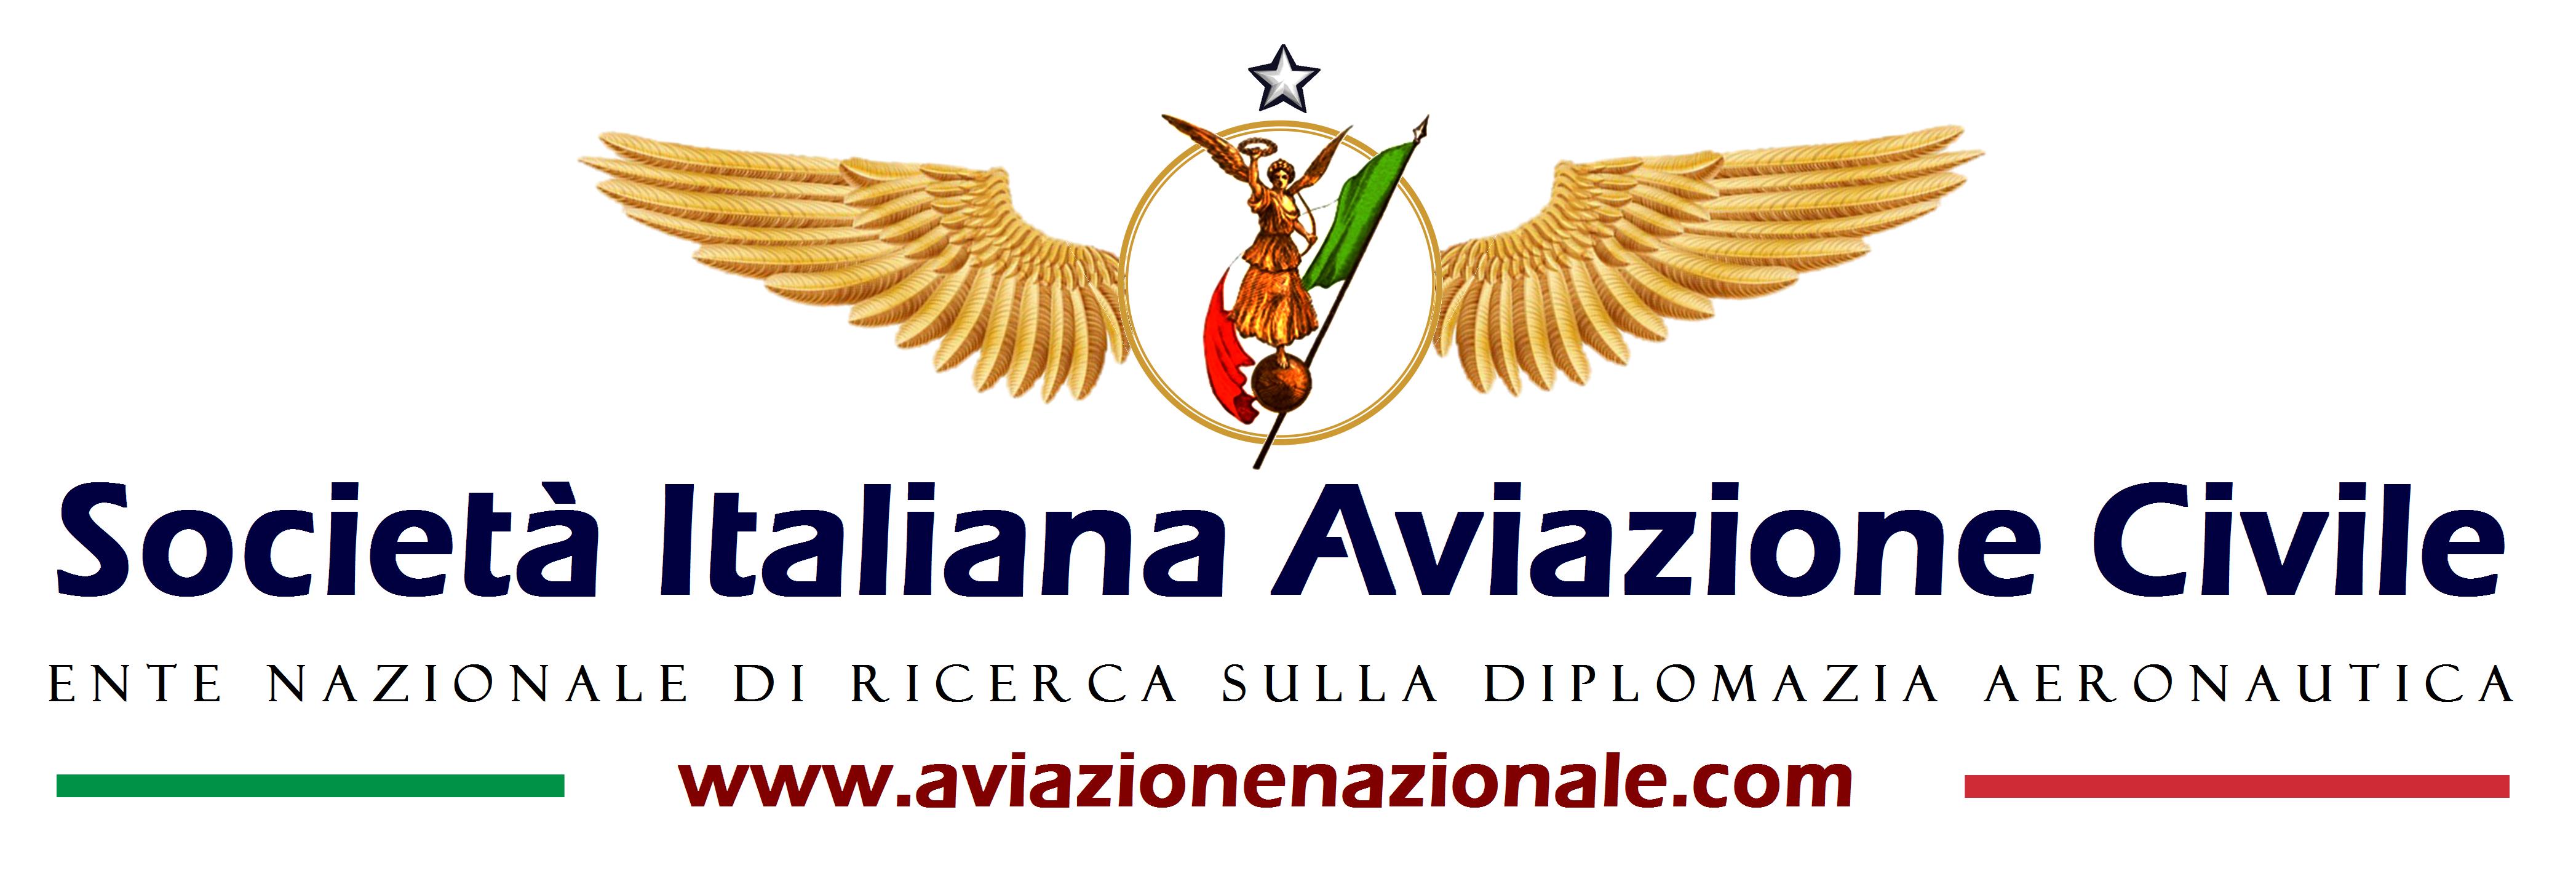 Società Italiana Aviazione Civile